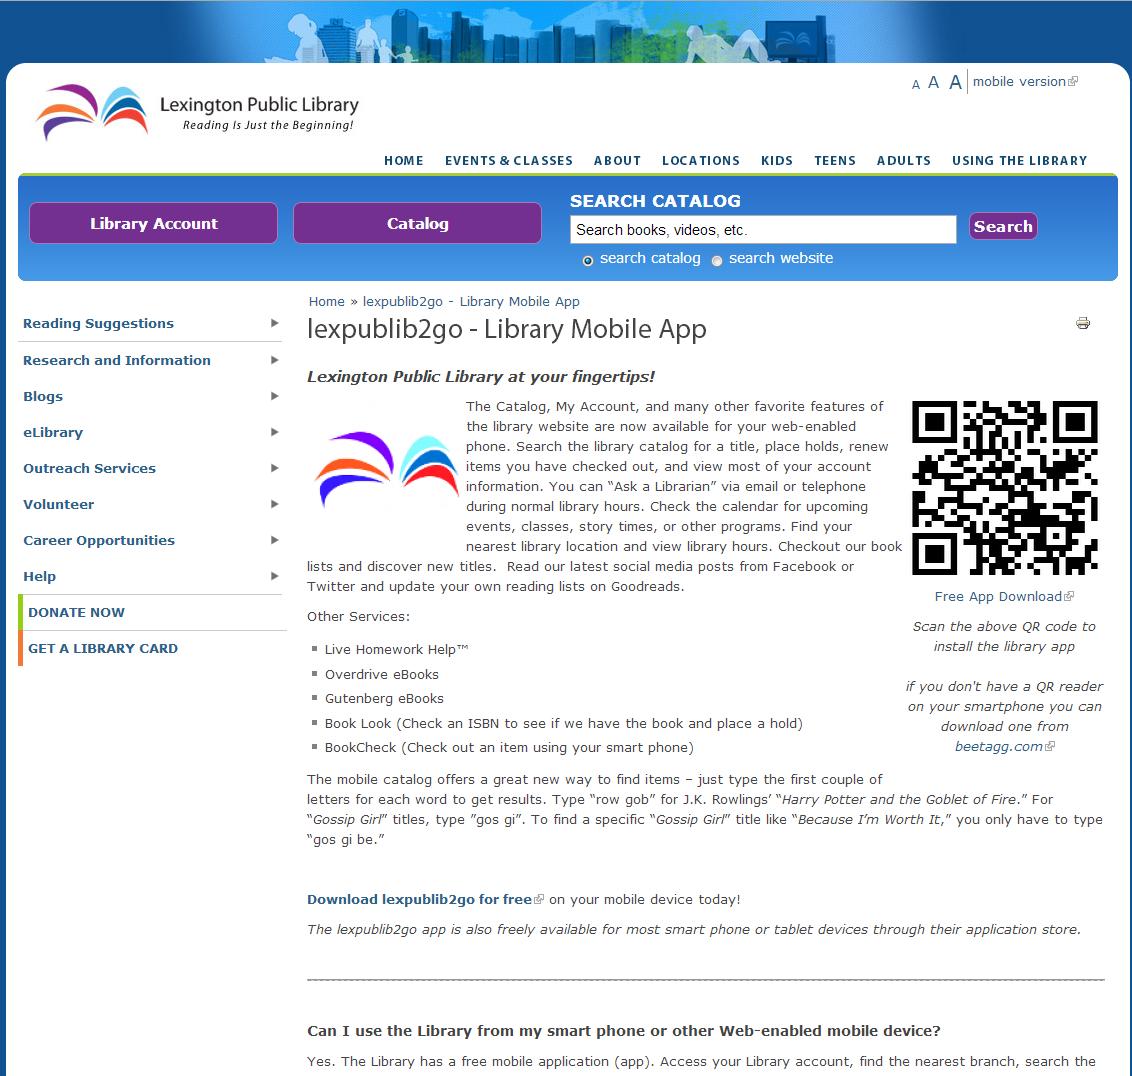 Lexington Public Library Mobile App Promotion Webpage